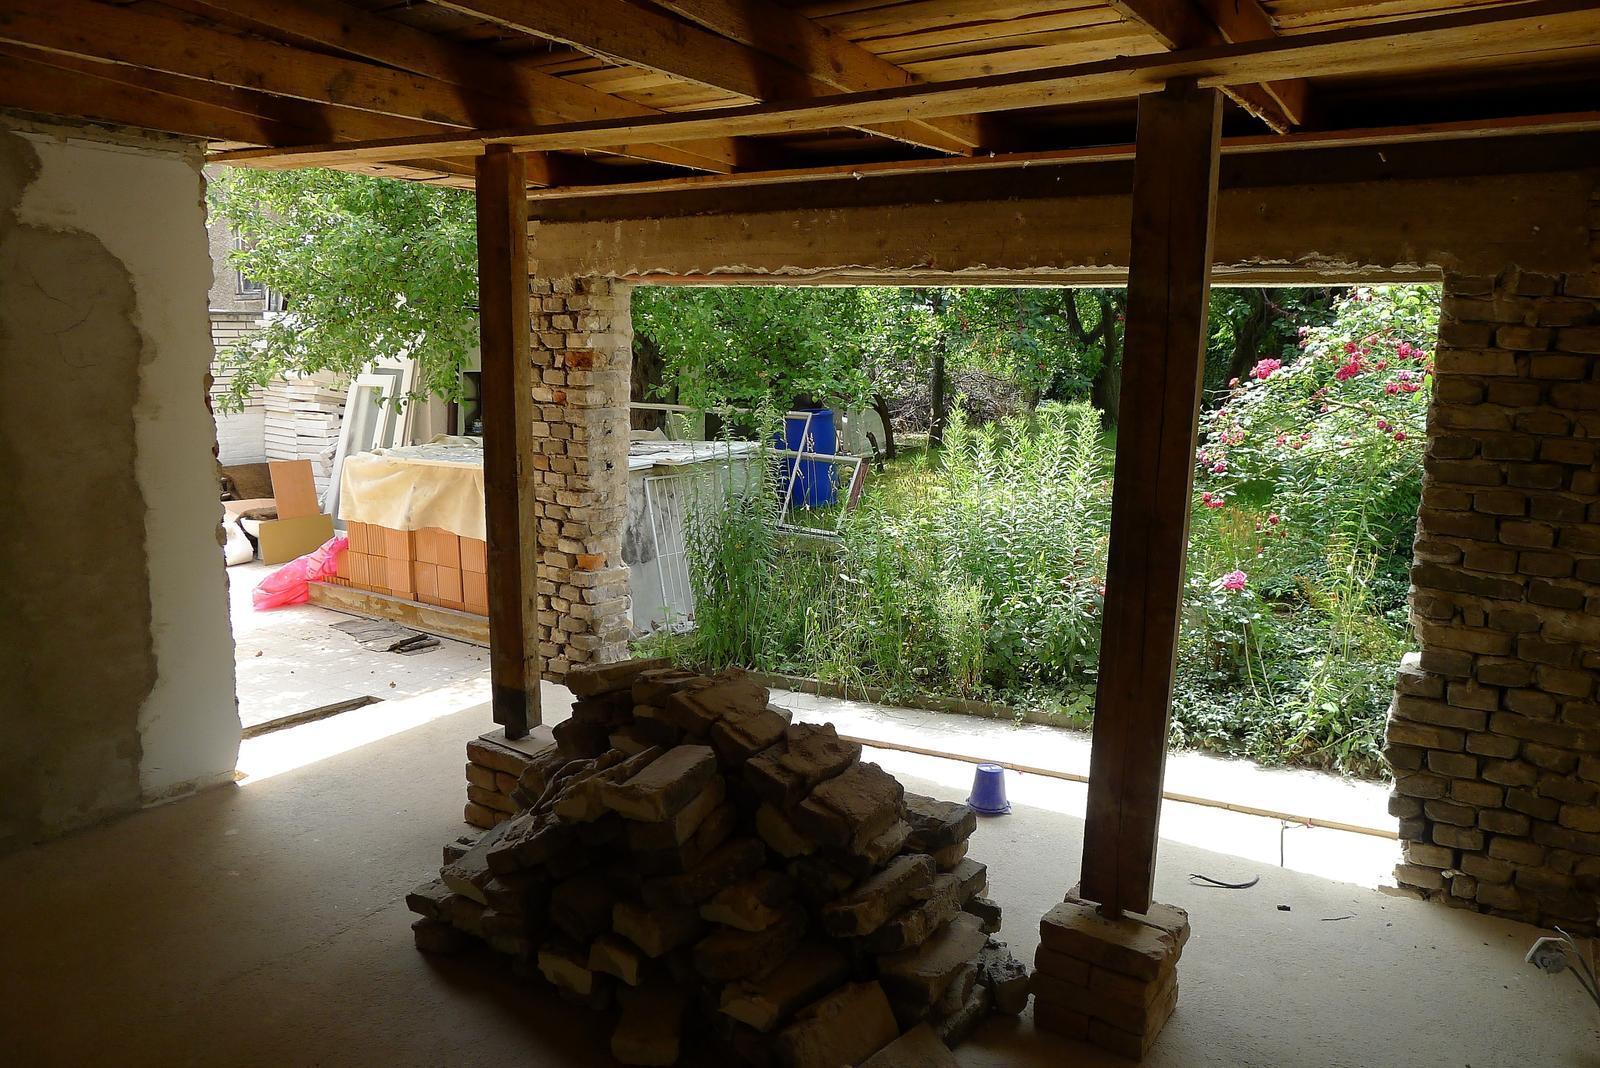 Rekonstrukce našeho domečku - postupně bouráme letní pokoj